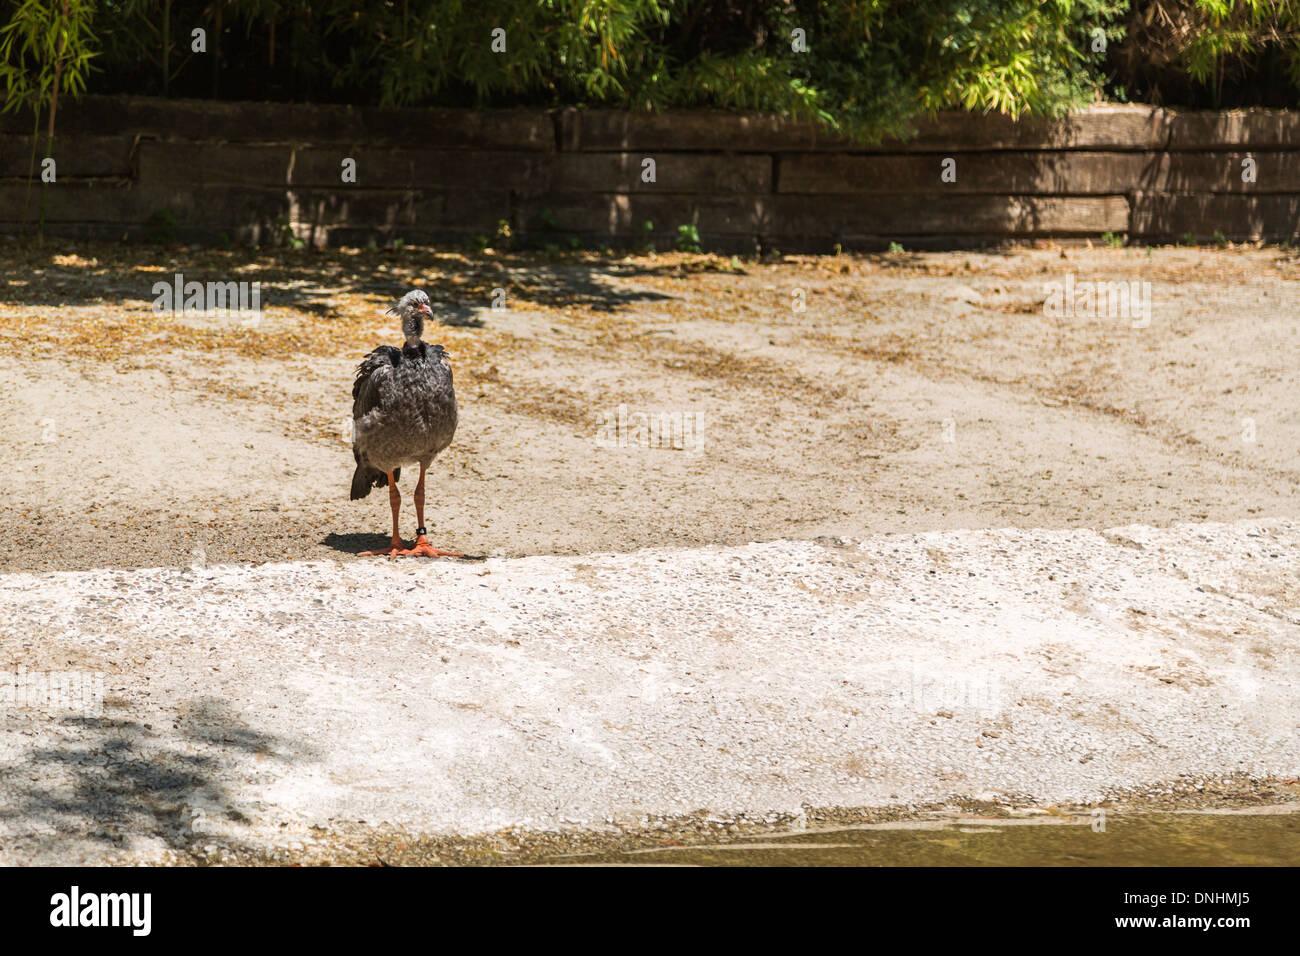 Les jeunes (autruche Struthio camelus) dans un zoo, le Zoo de Barcelone, Barcelone, Catalogne, Espagne Banque D'Images